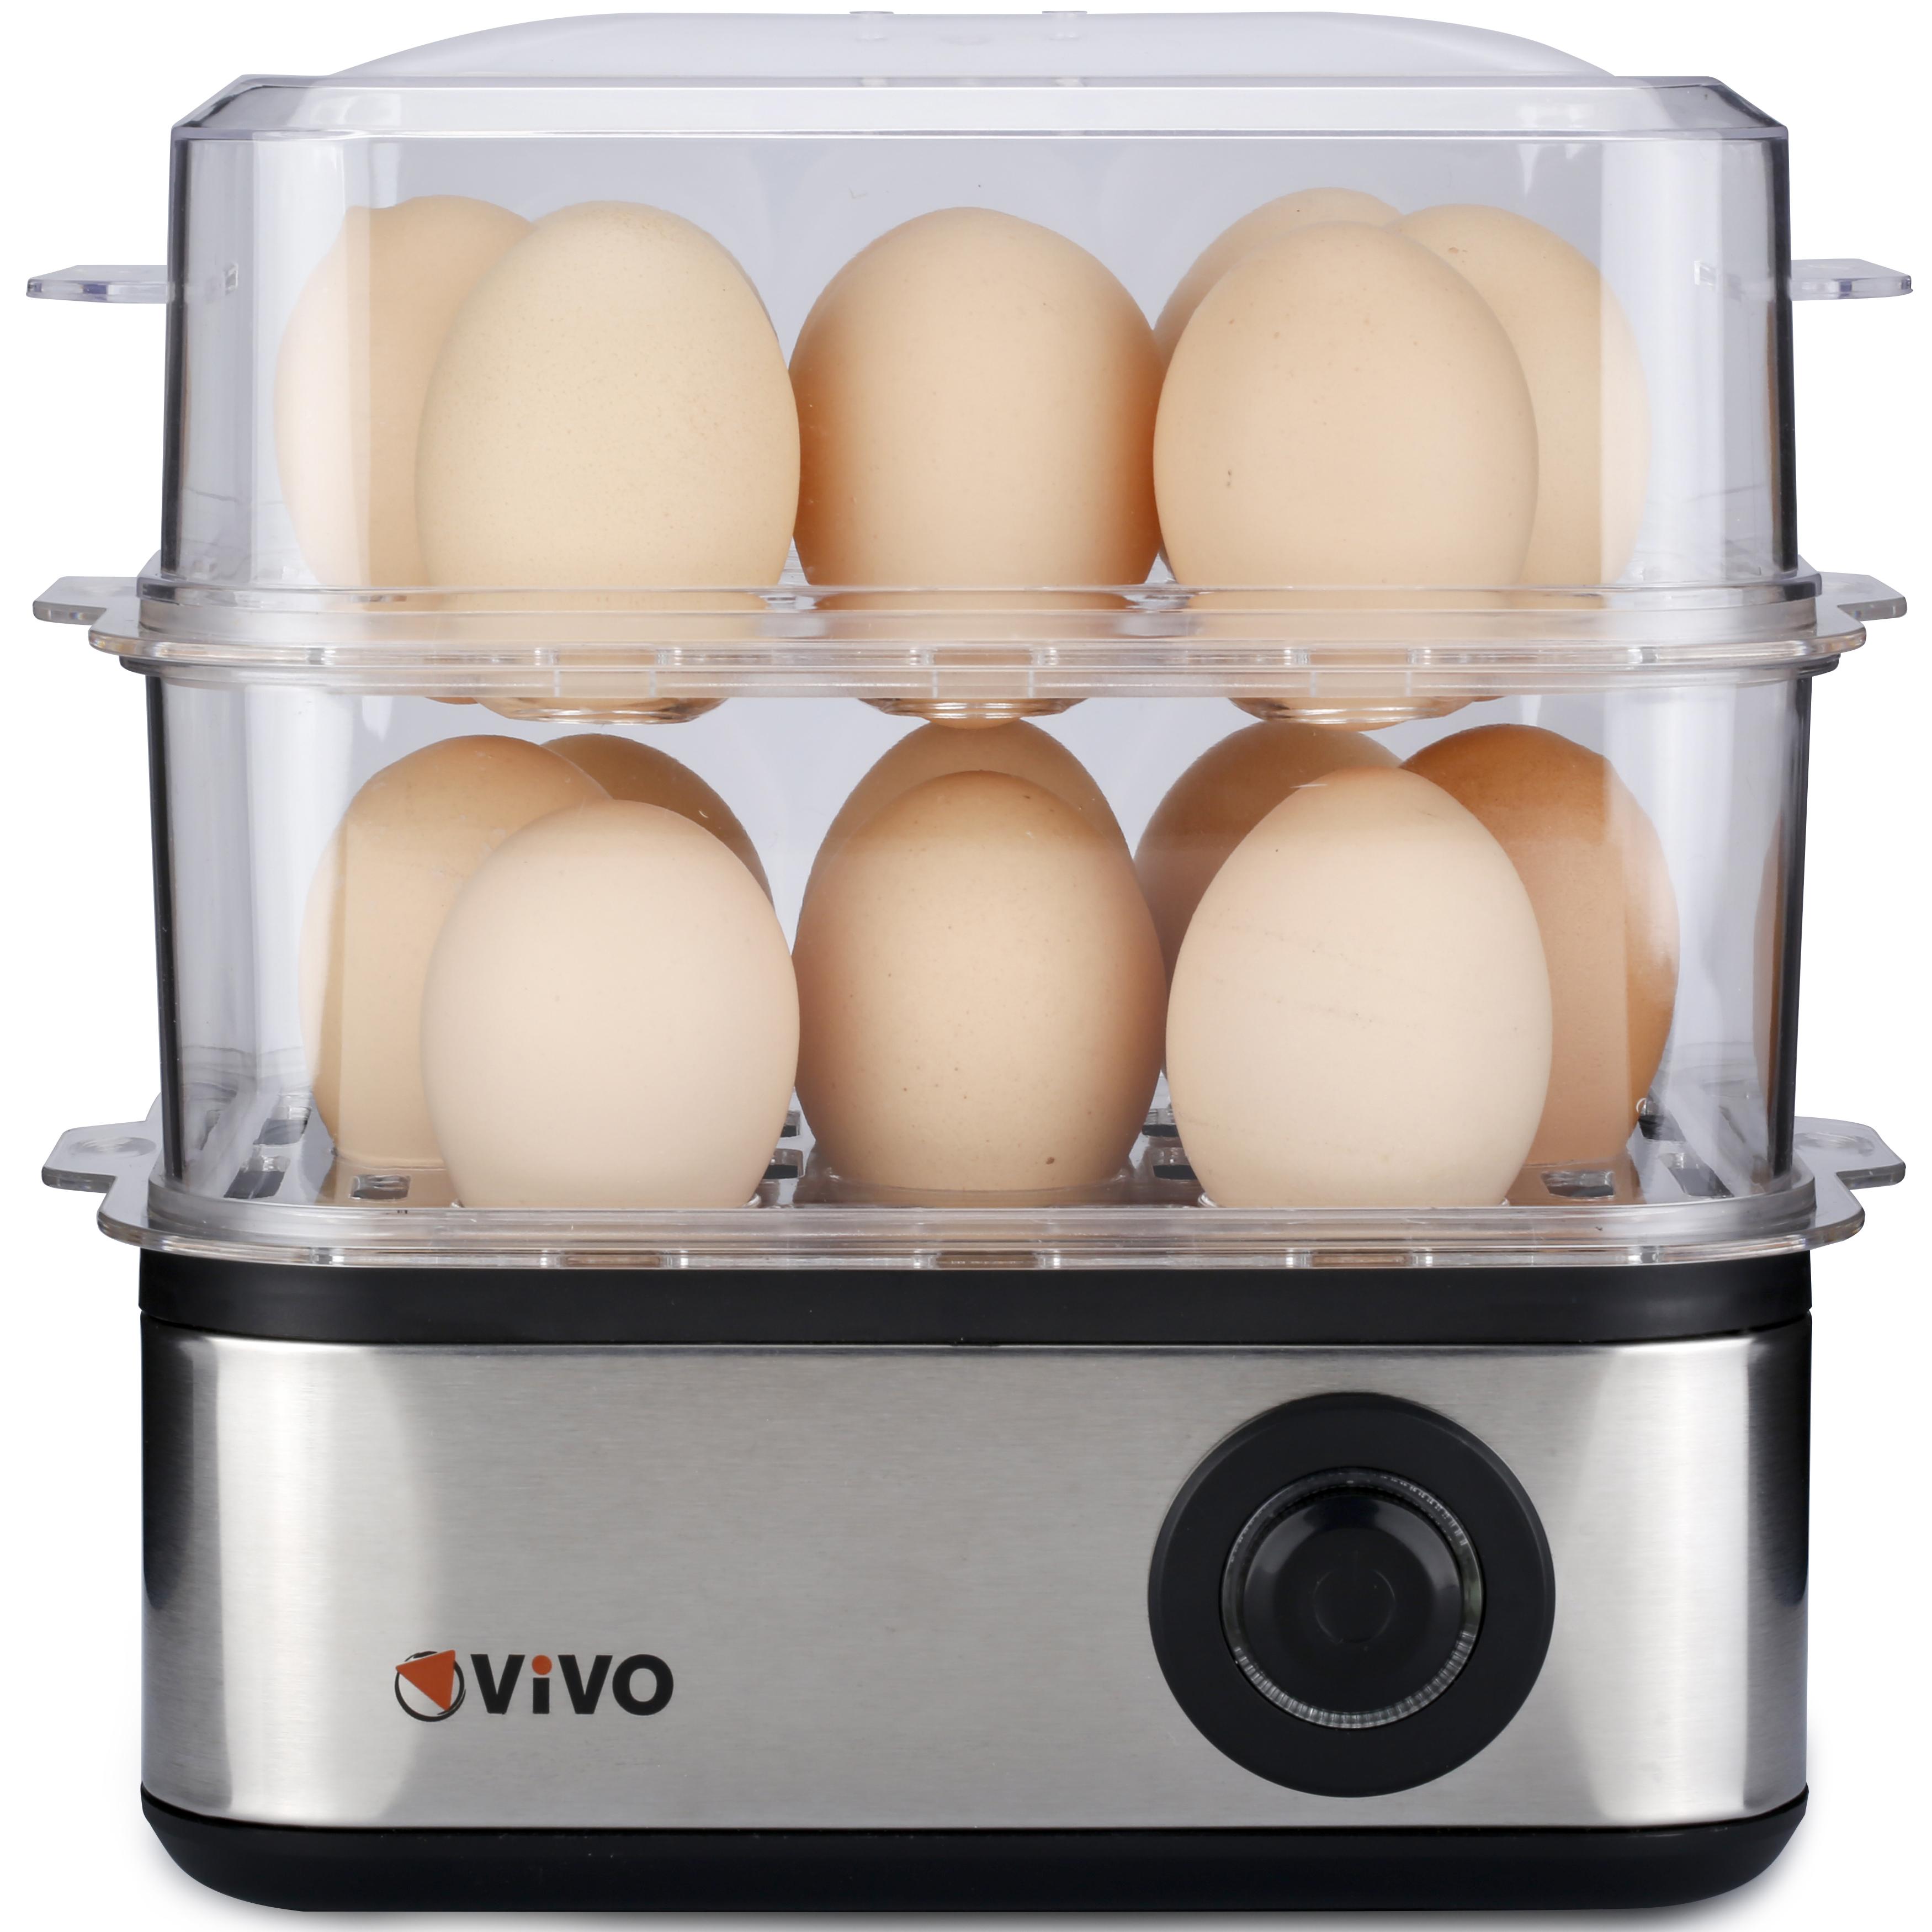 Professional egg